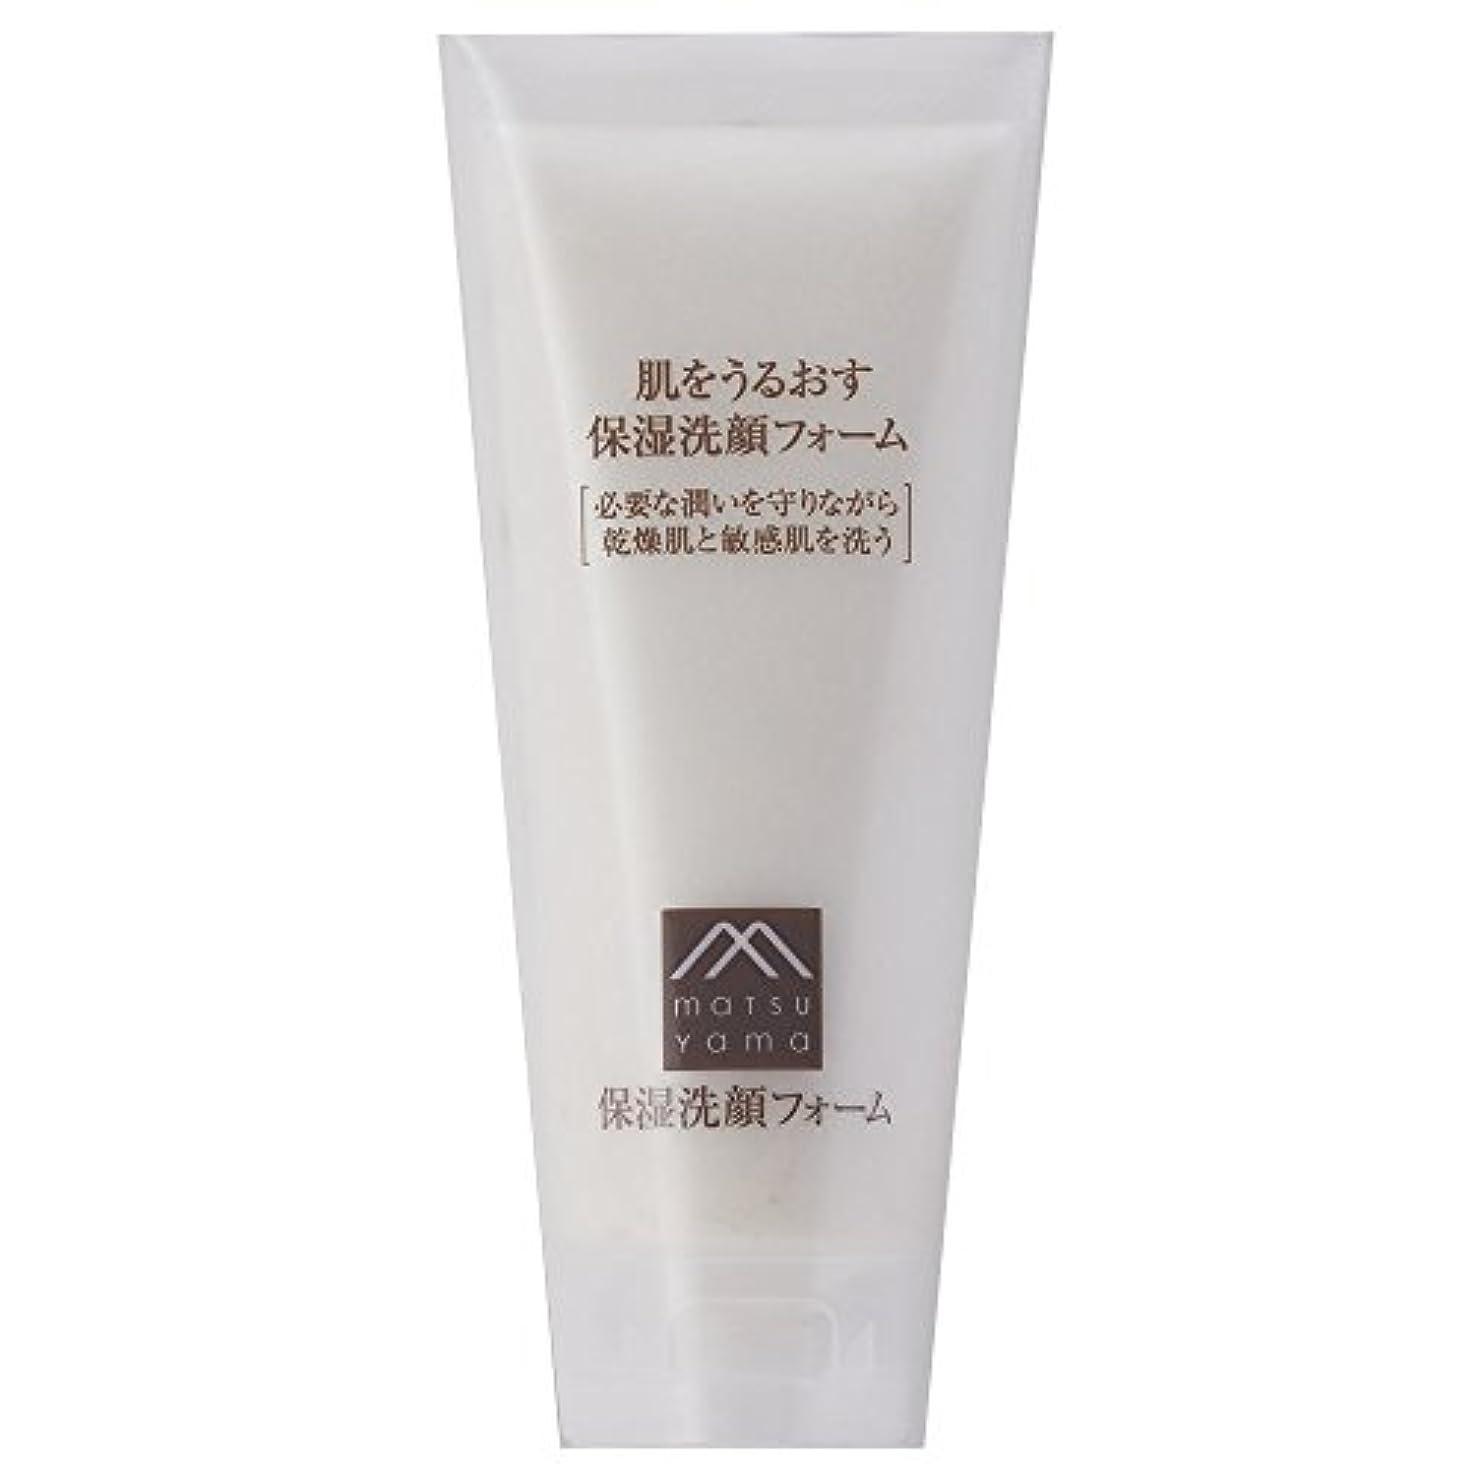 つぼみリベラルロータリー肌をうるおす保湿洗顔フォーム(洗顔料) [乾燥肌 敏感肌]